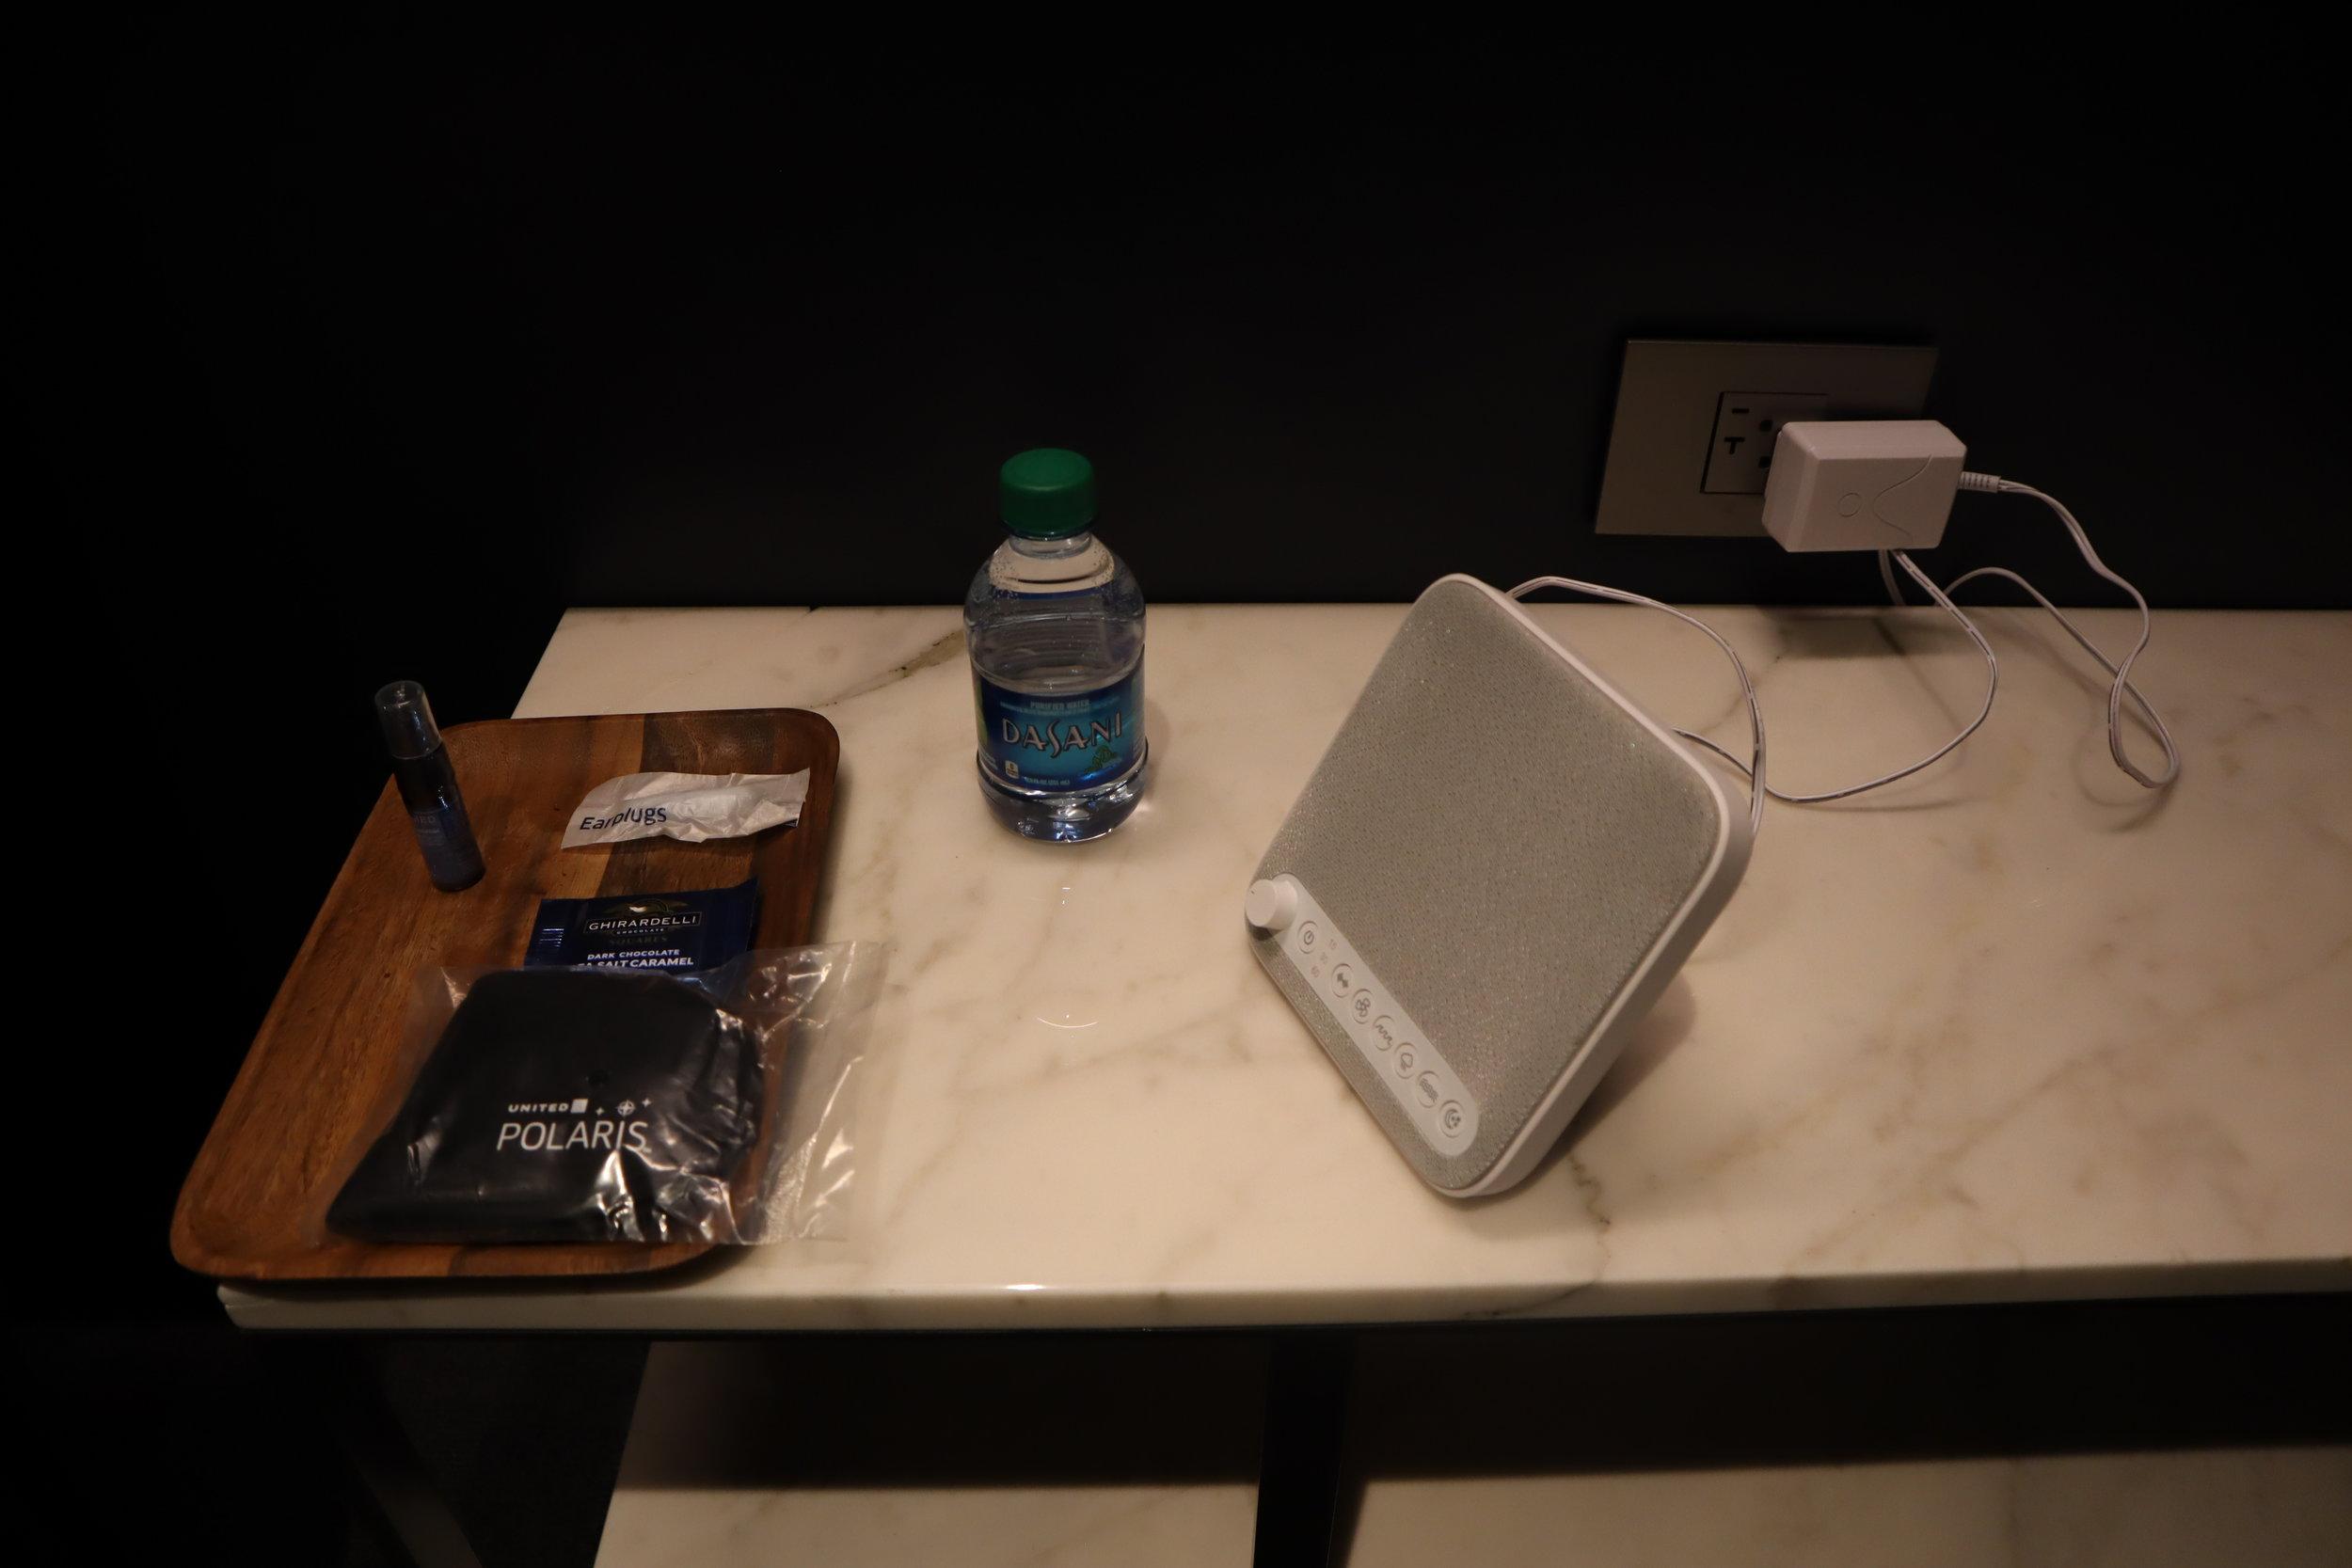 United Polaris Lounge Newark – Quiet suite amenities